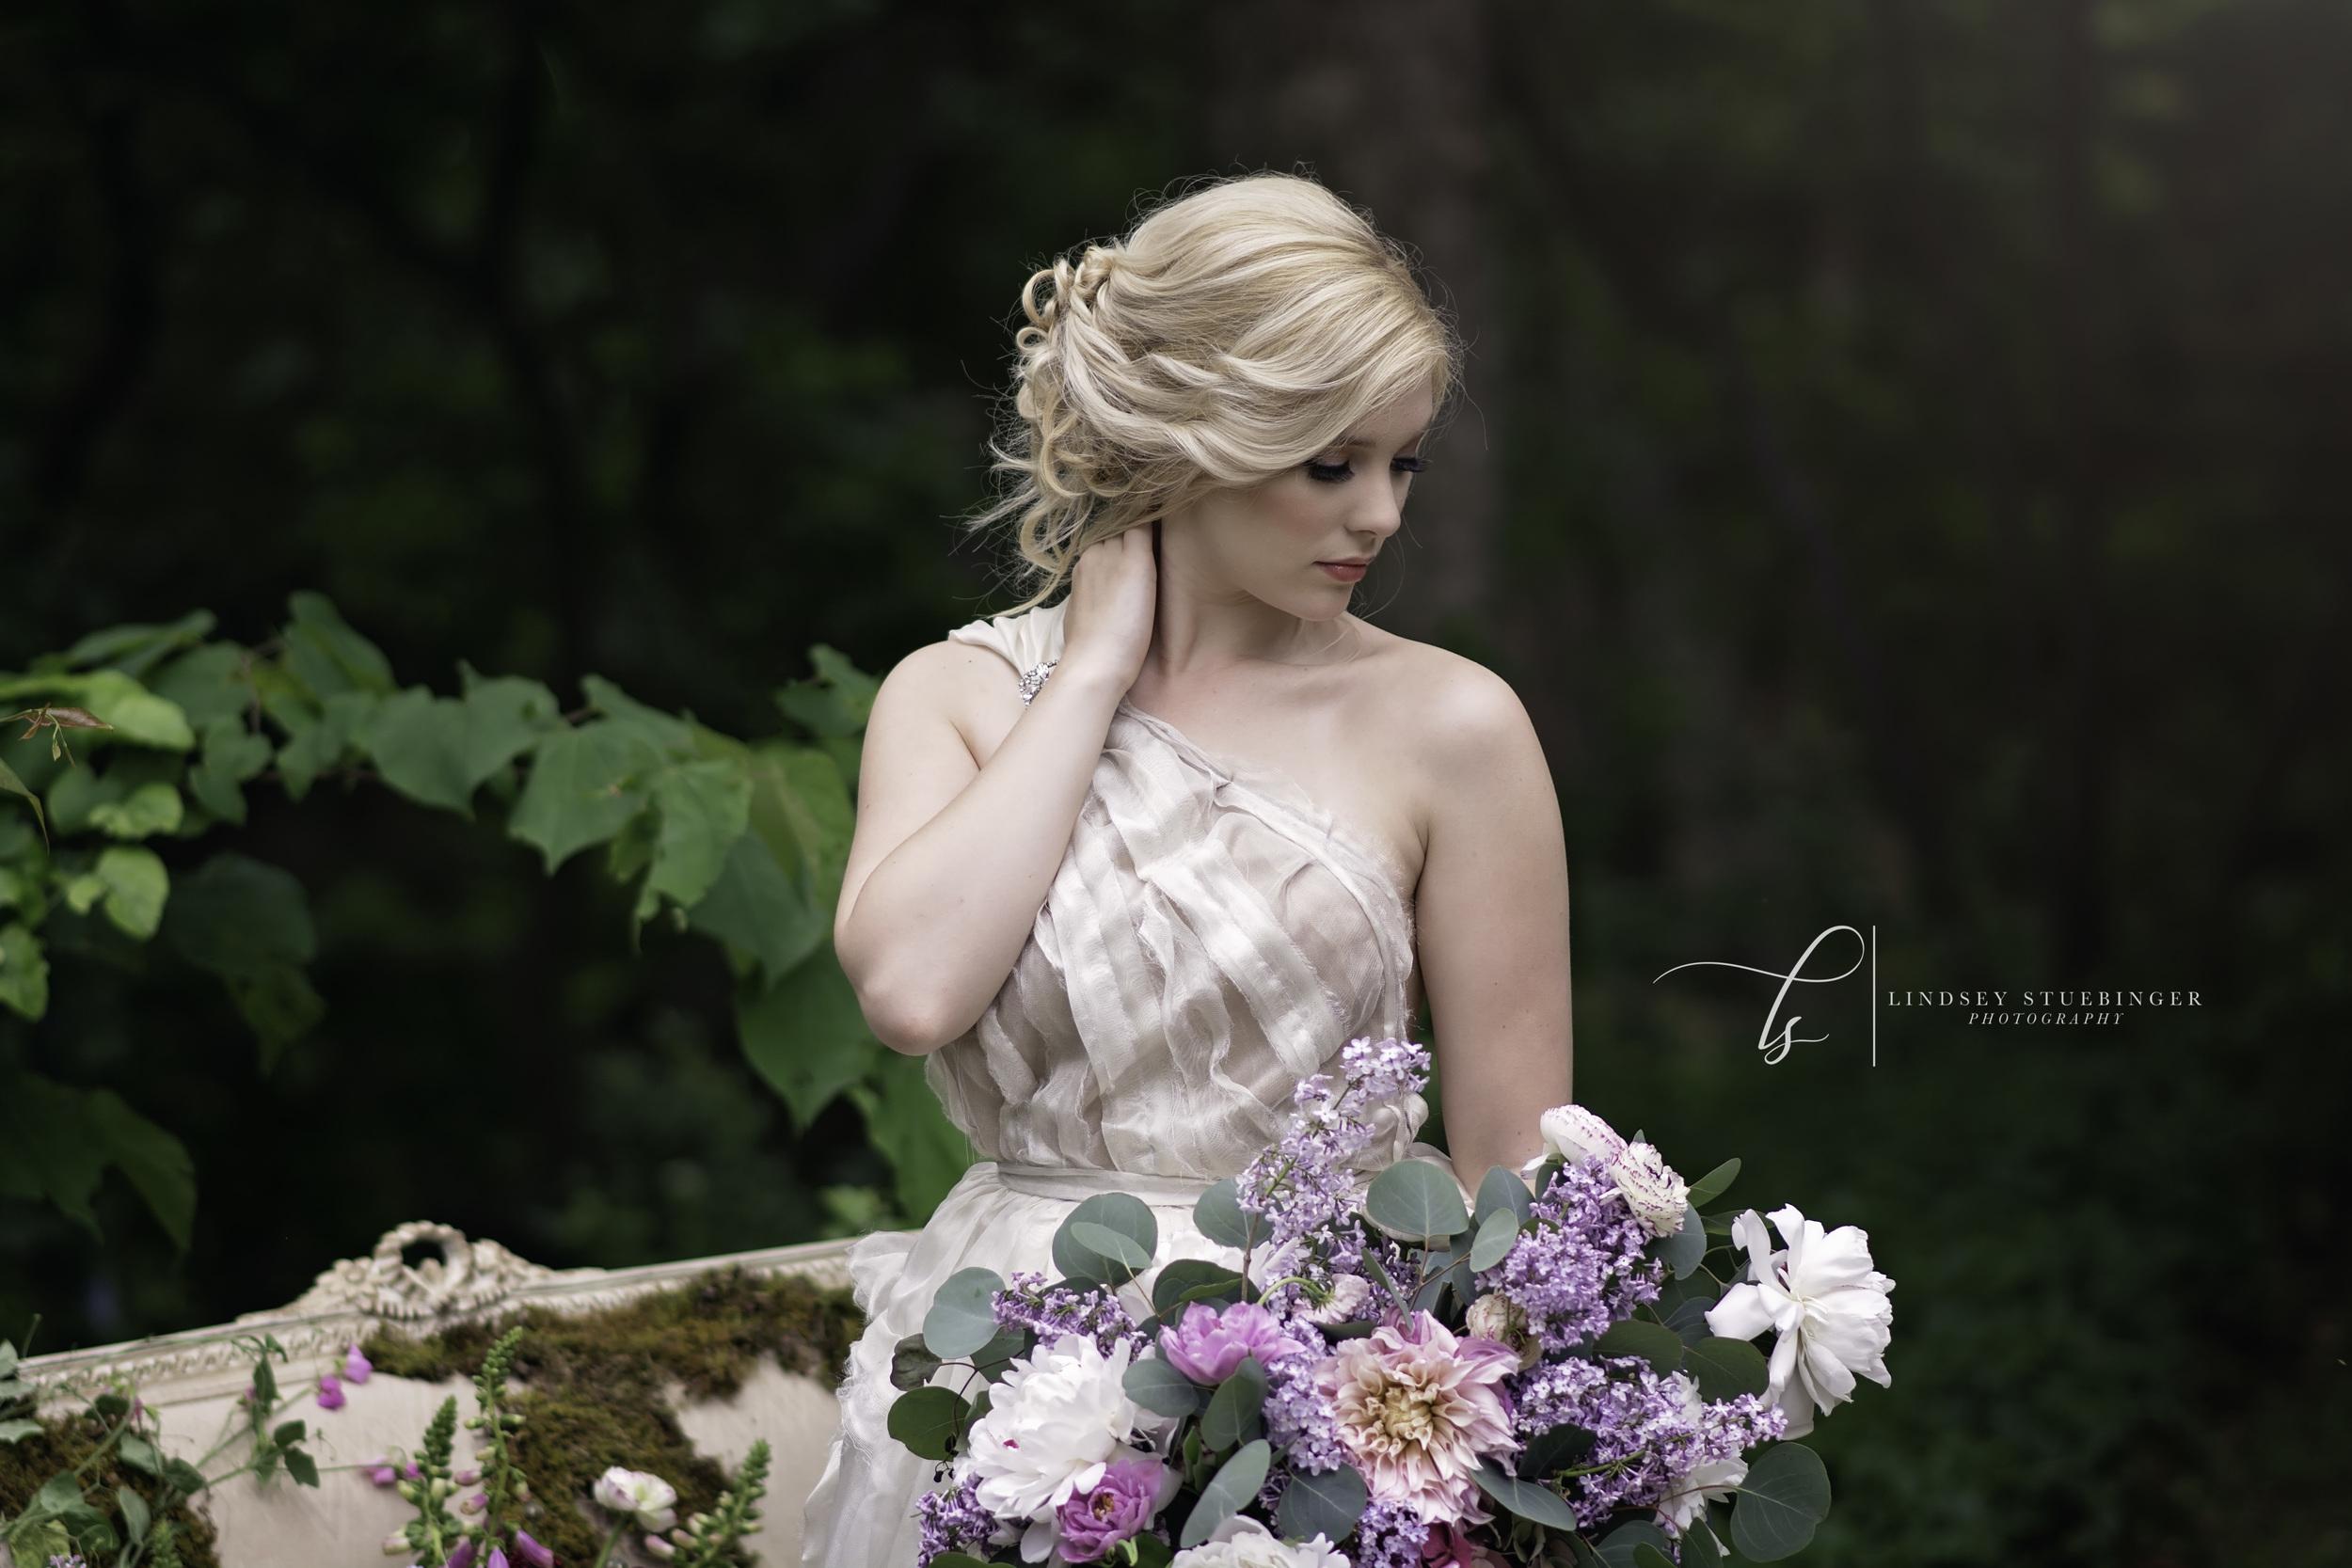 Model: Katie Phillips